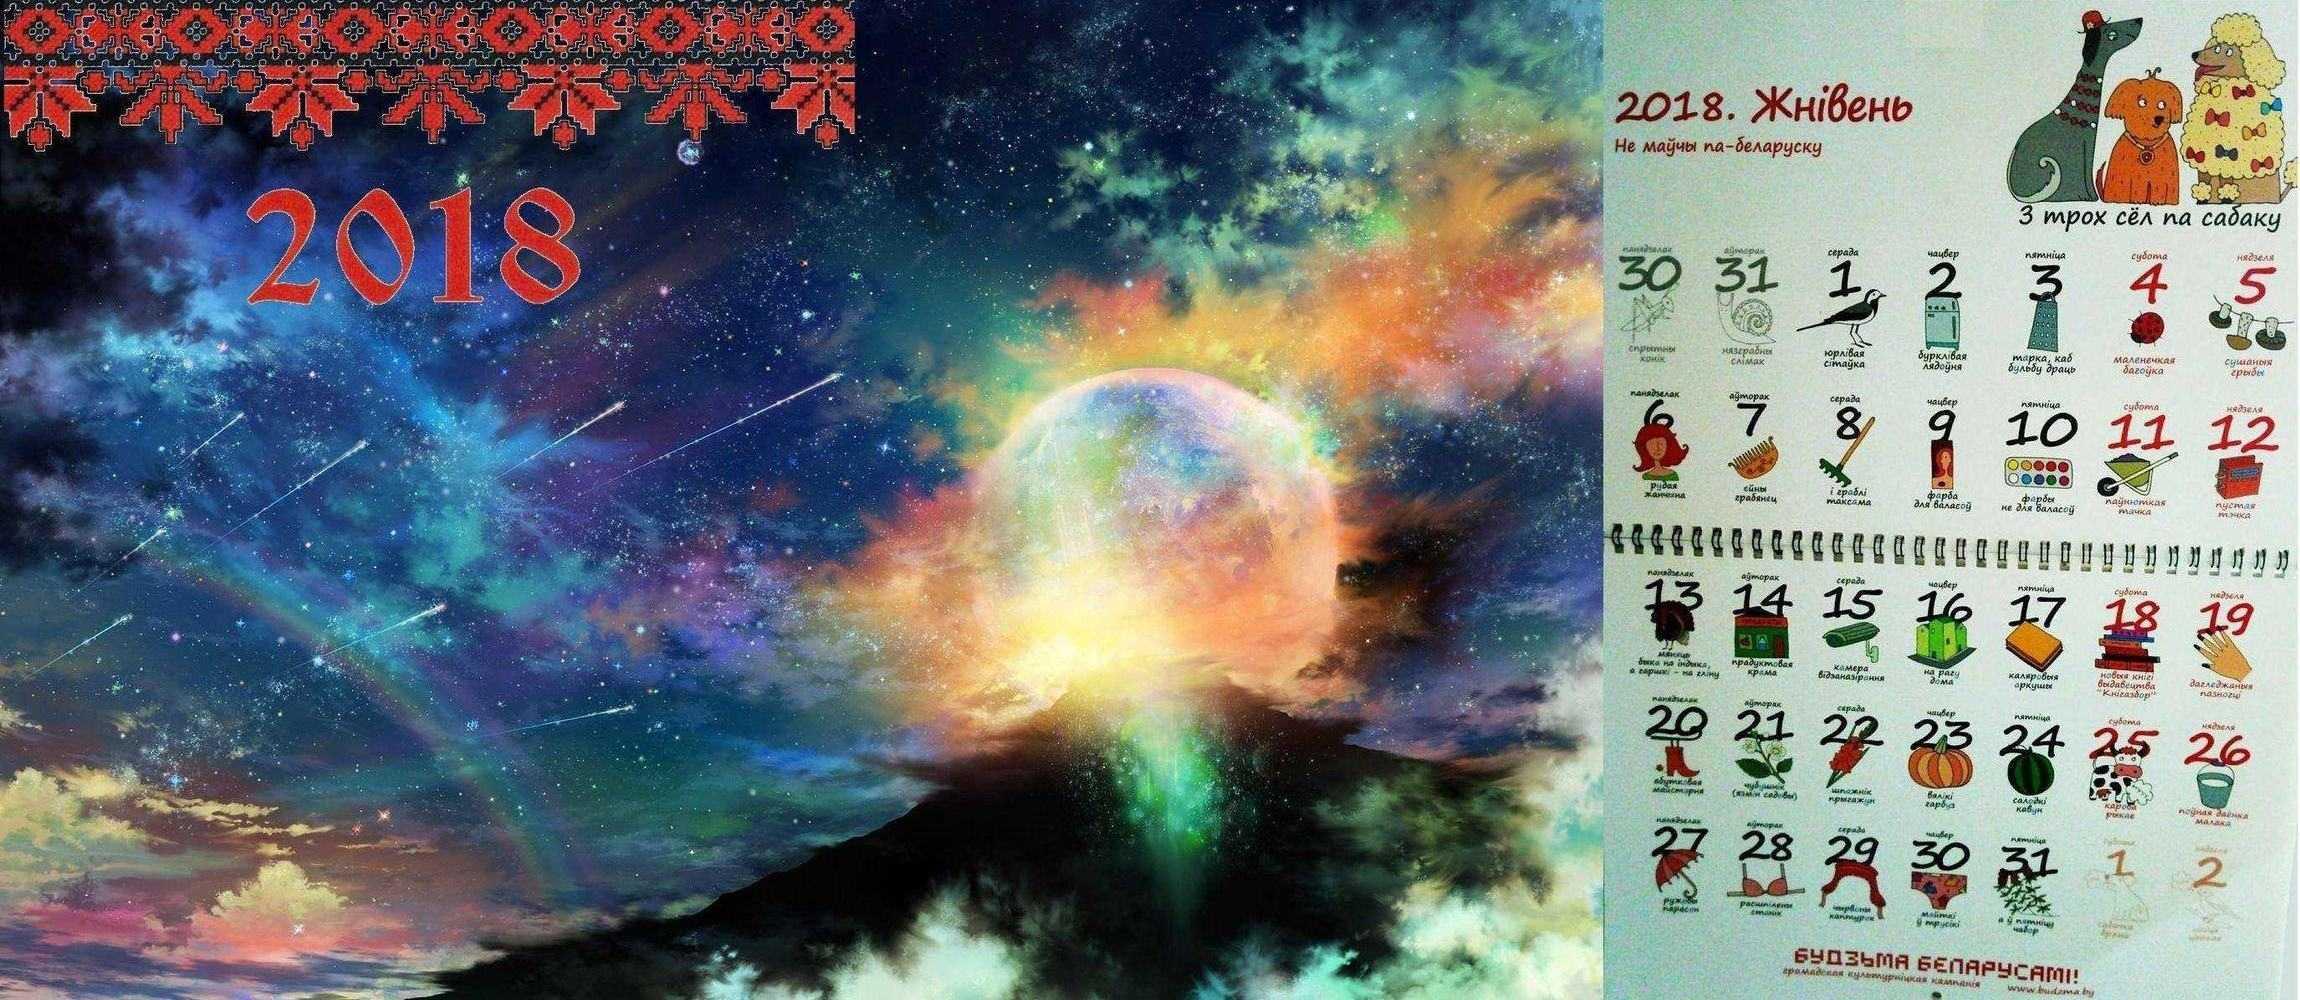 *** Астрологический прогноз август 2018 - Тантра-Джйотиш «Ведическая астрология» ***